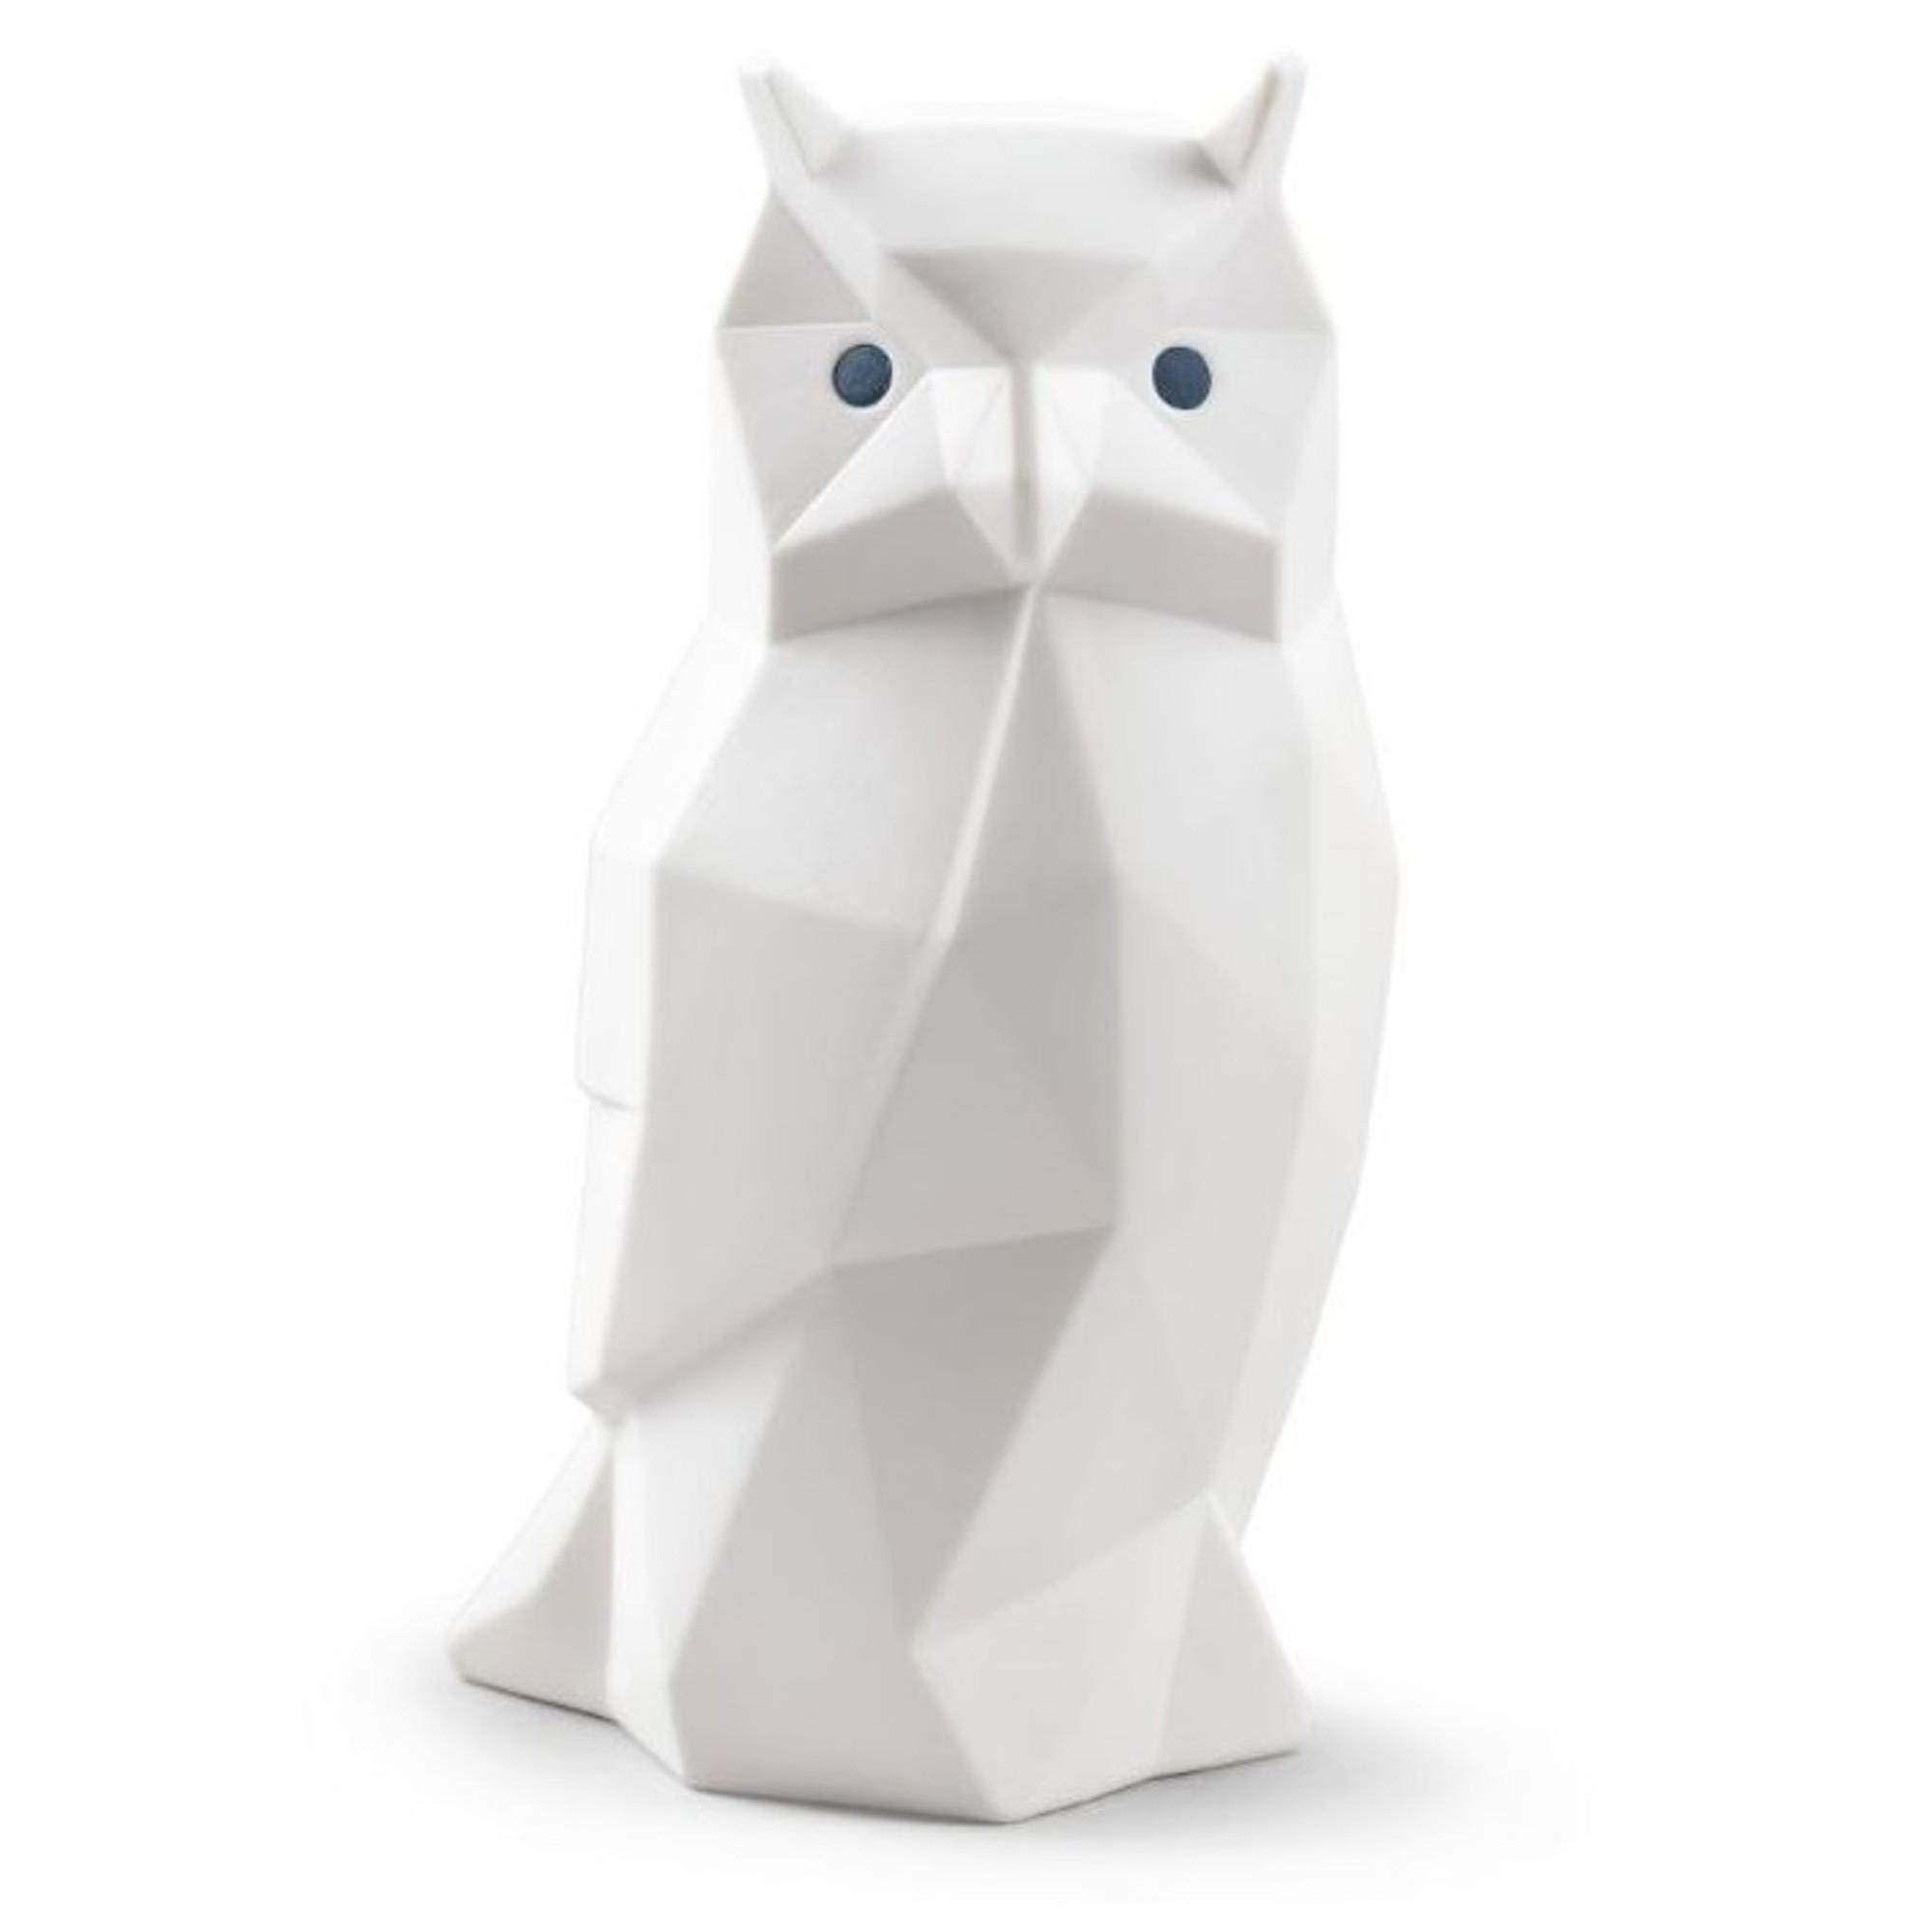 Origami Owl White Owl Vase